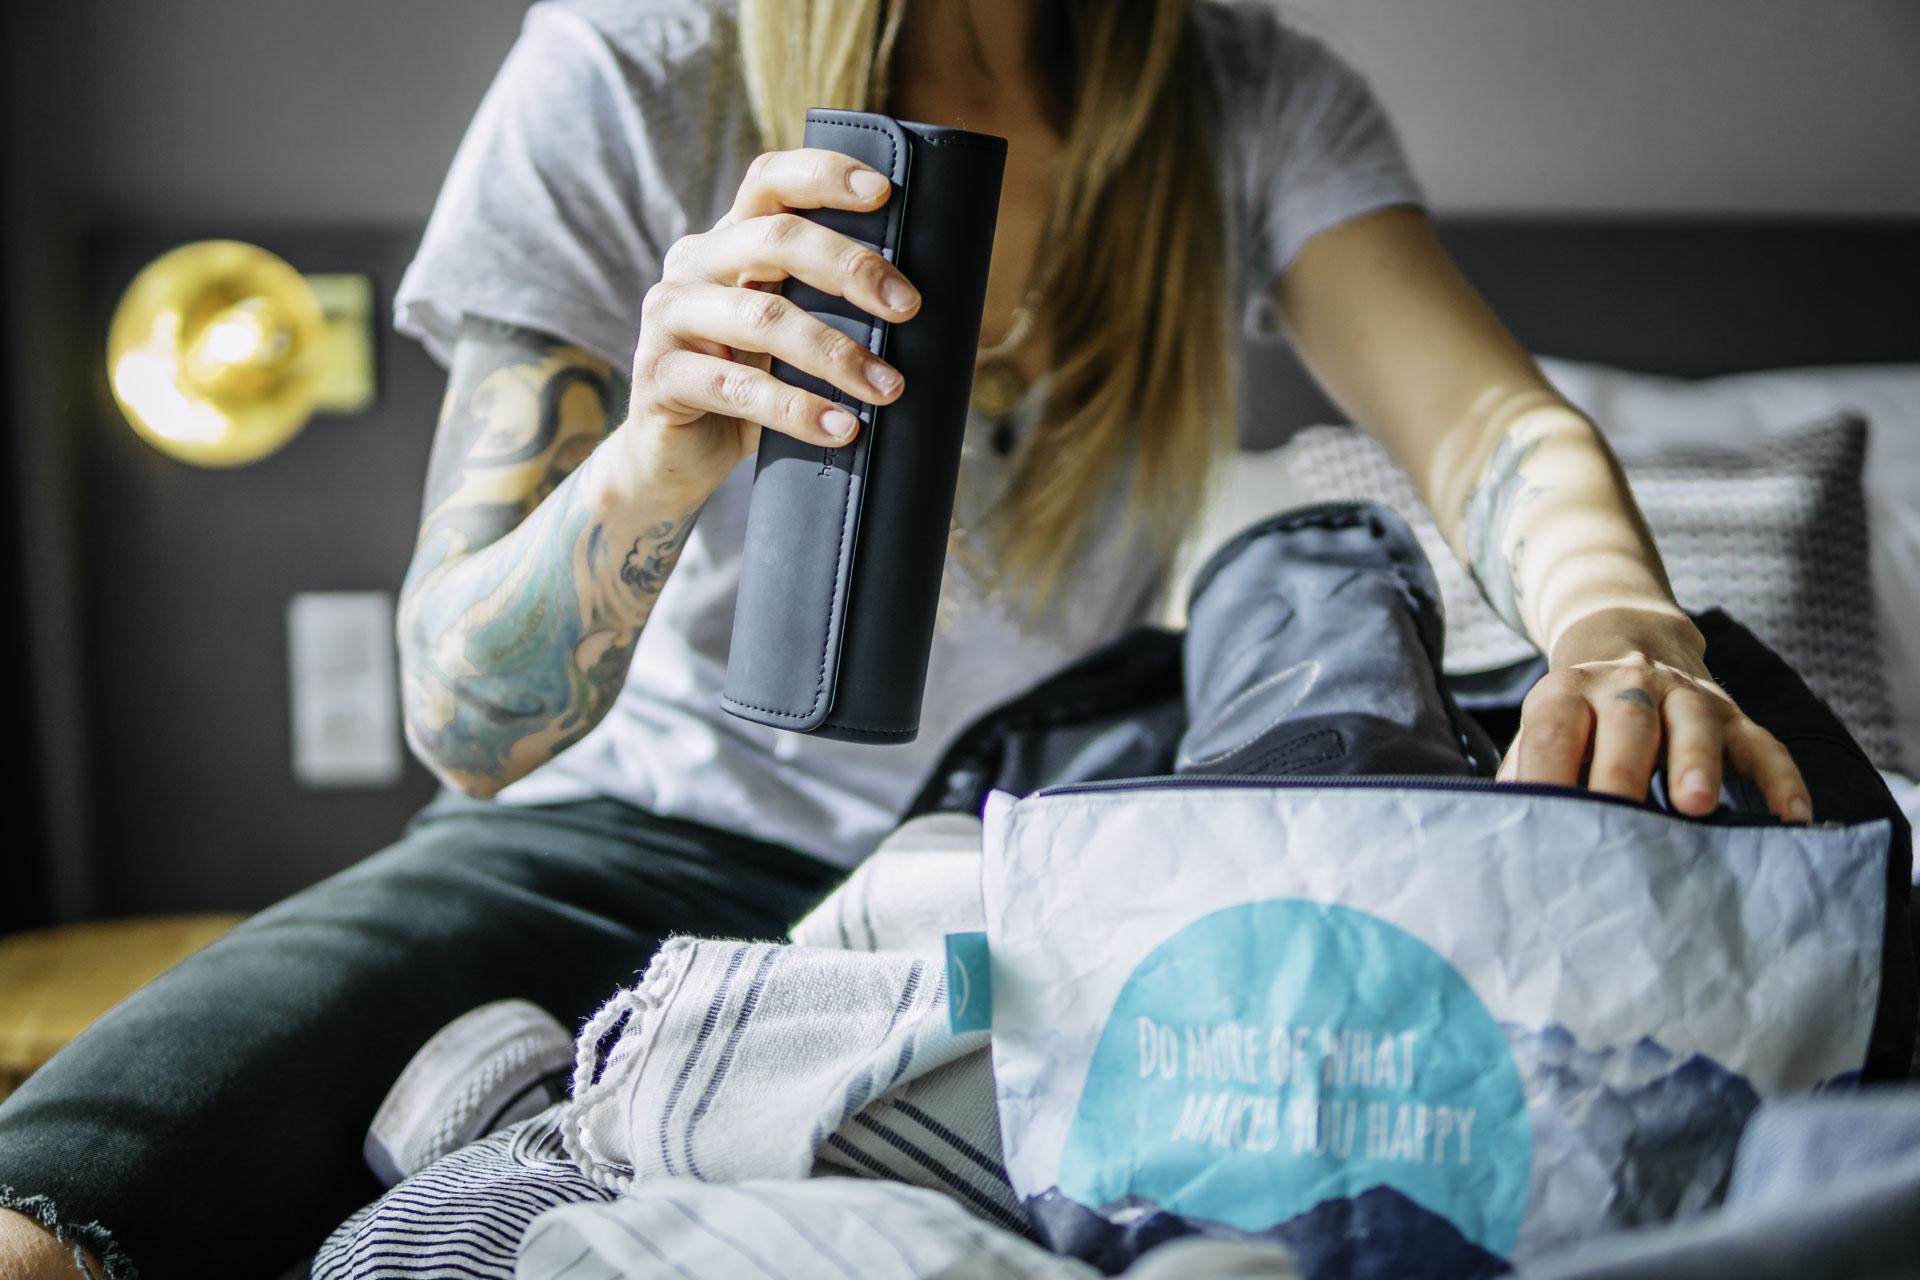 Natürliches Produktfoto von Zahnbürste elektrisch eines Münchener Startups mit Frauen Model im Lifestyle Motto